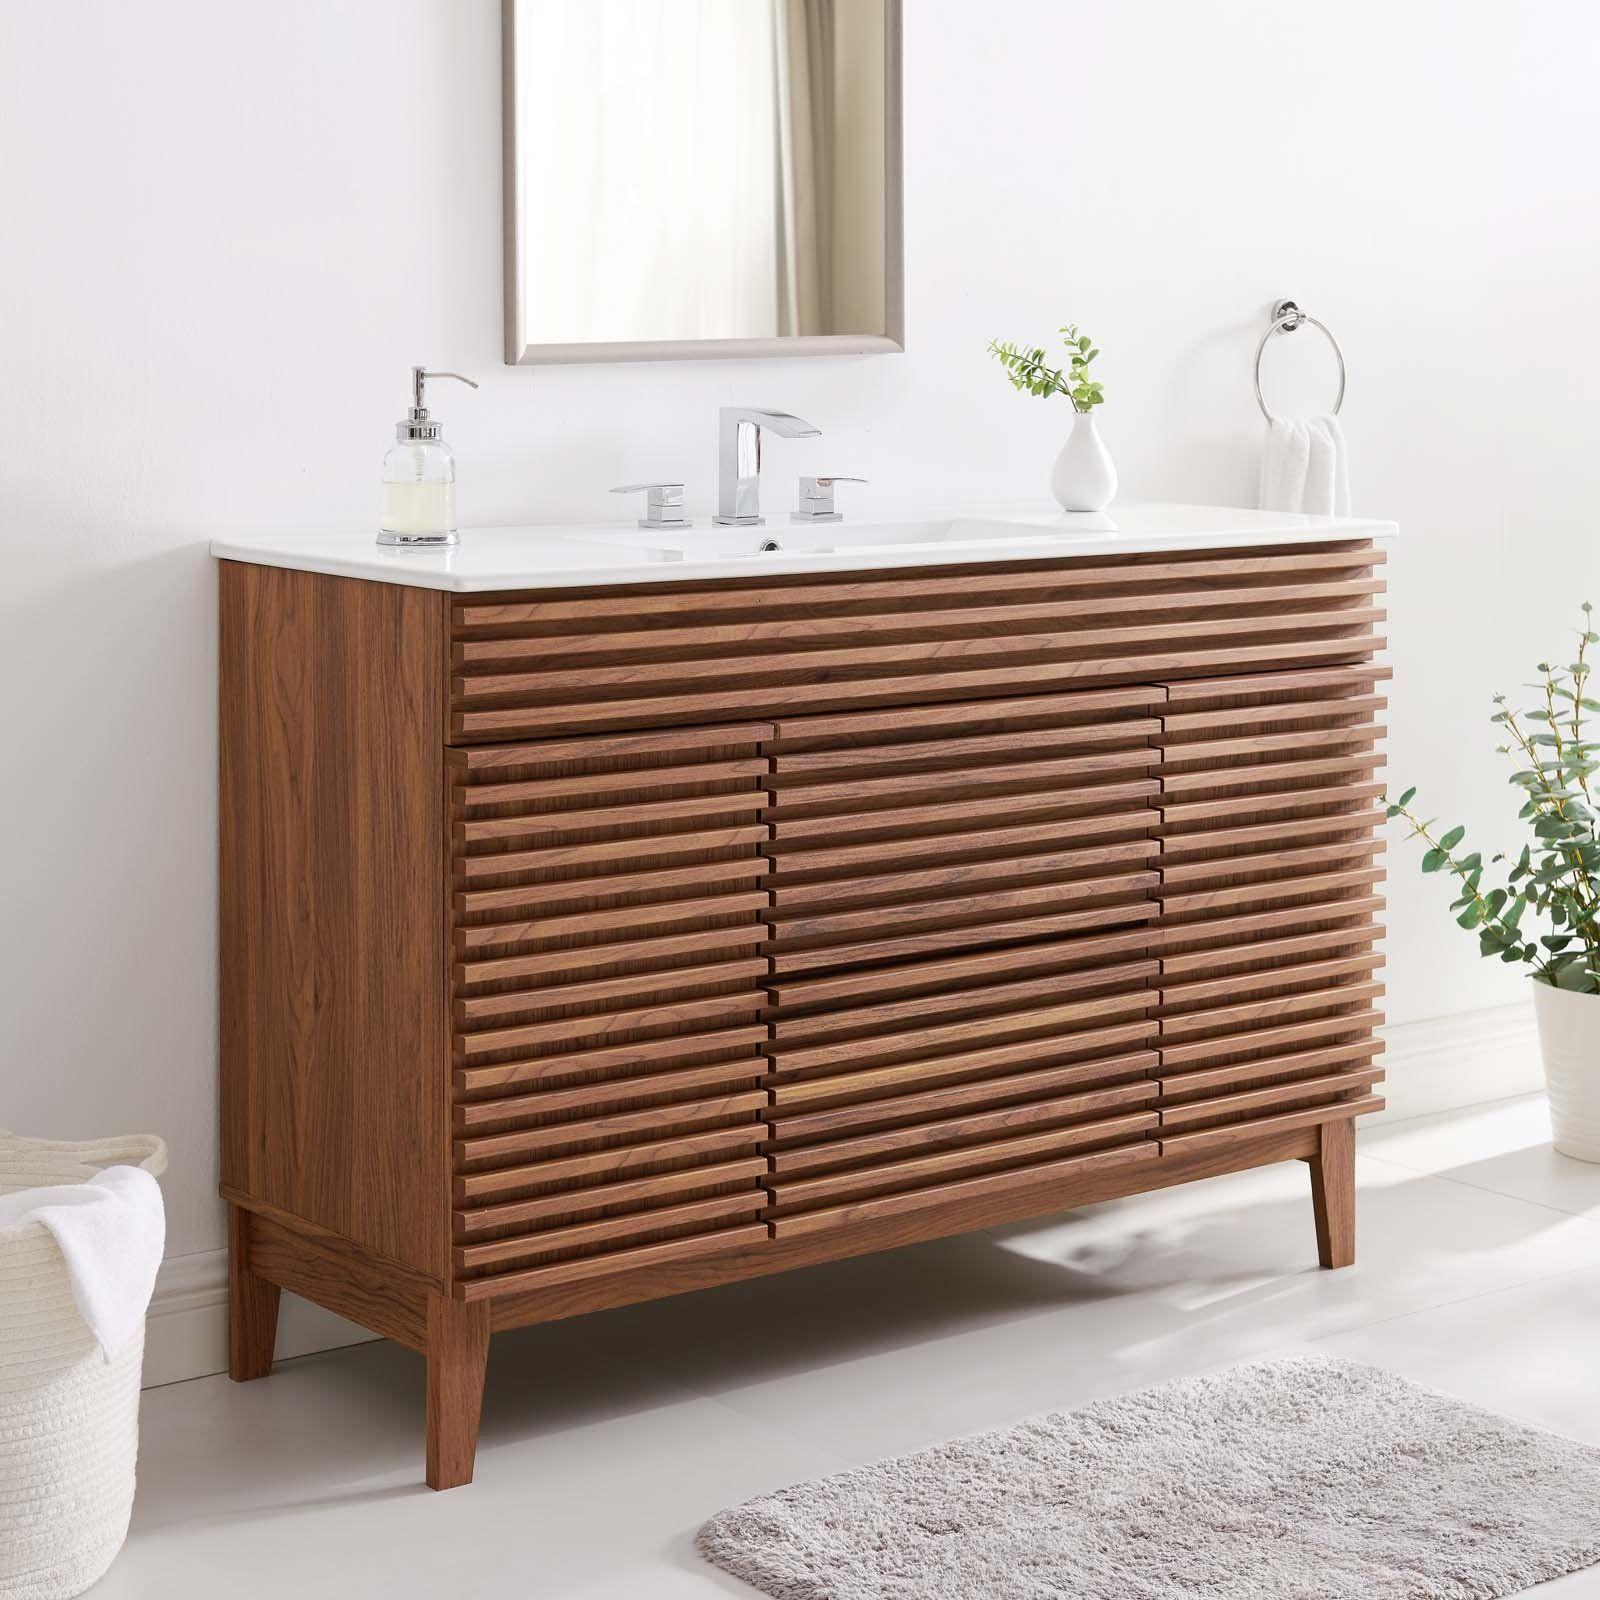 Render 48 Single Sink Bathroom Vanity In Walnut White Lexmod Single Sink Bathroom Vanity Single Bathroom Vanity 48 Inch Bathroom Vanity [ 1600 x 1600 Pixel ]